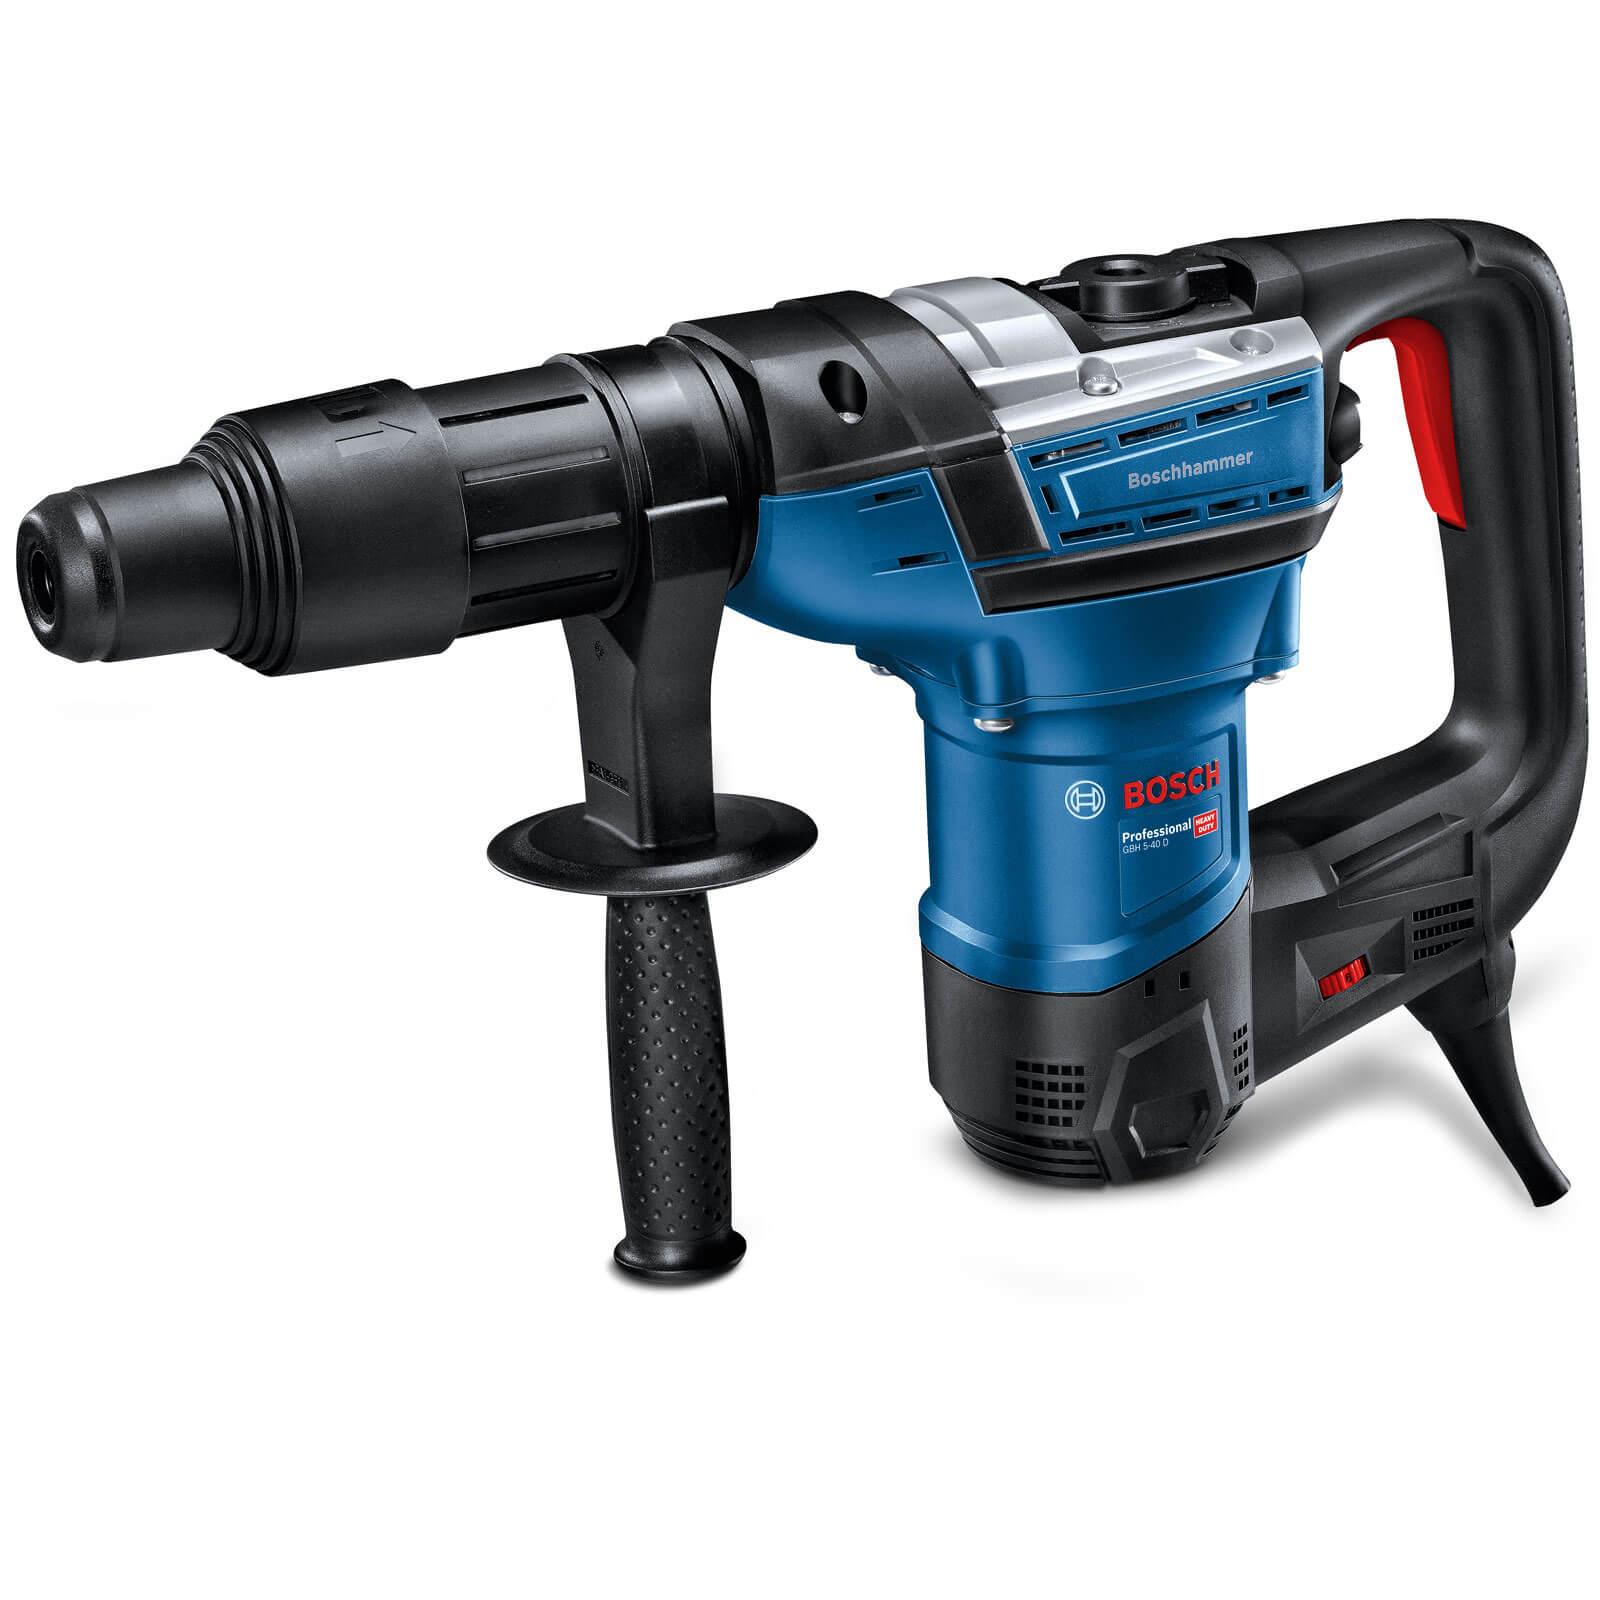 Image of Bosch GBH 5 40 D SDS MAX Rotary Demolition Hammer 240v